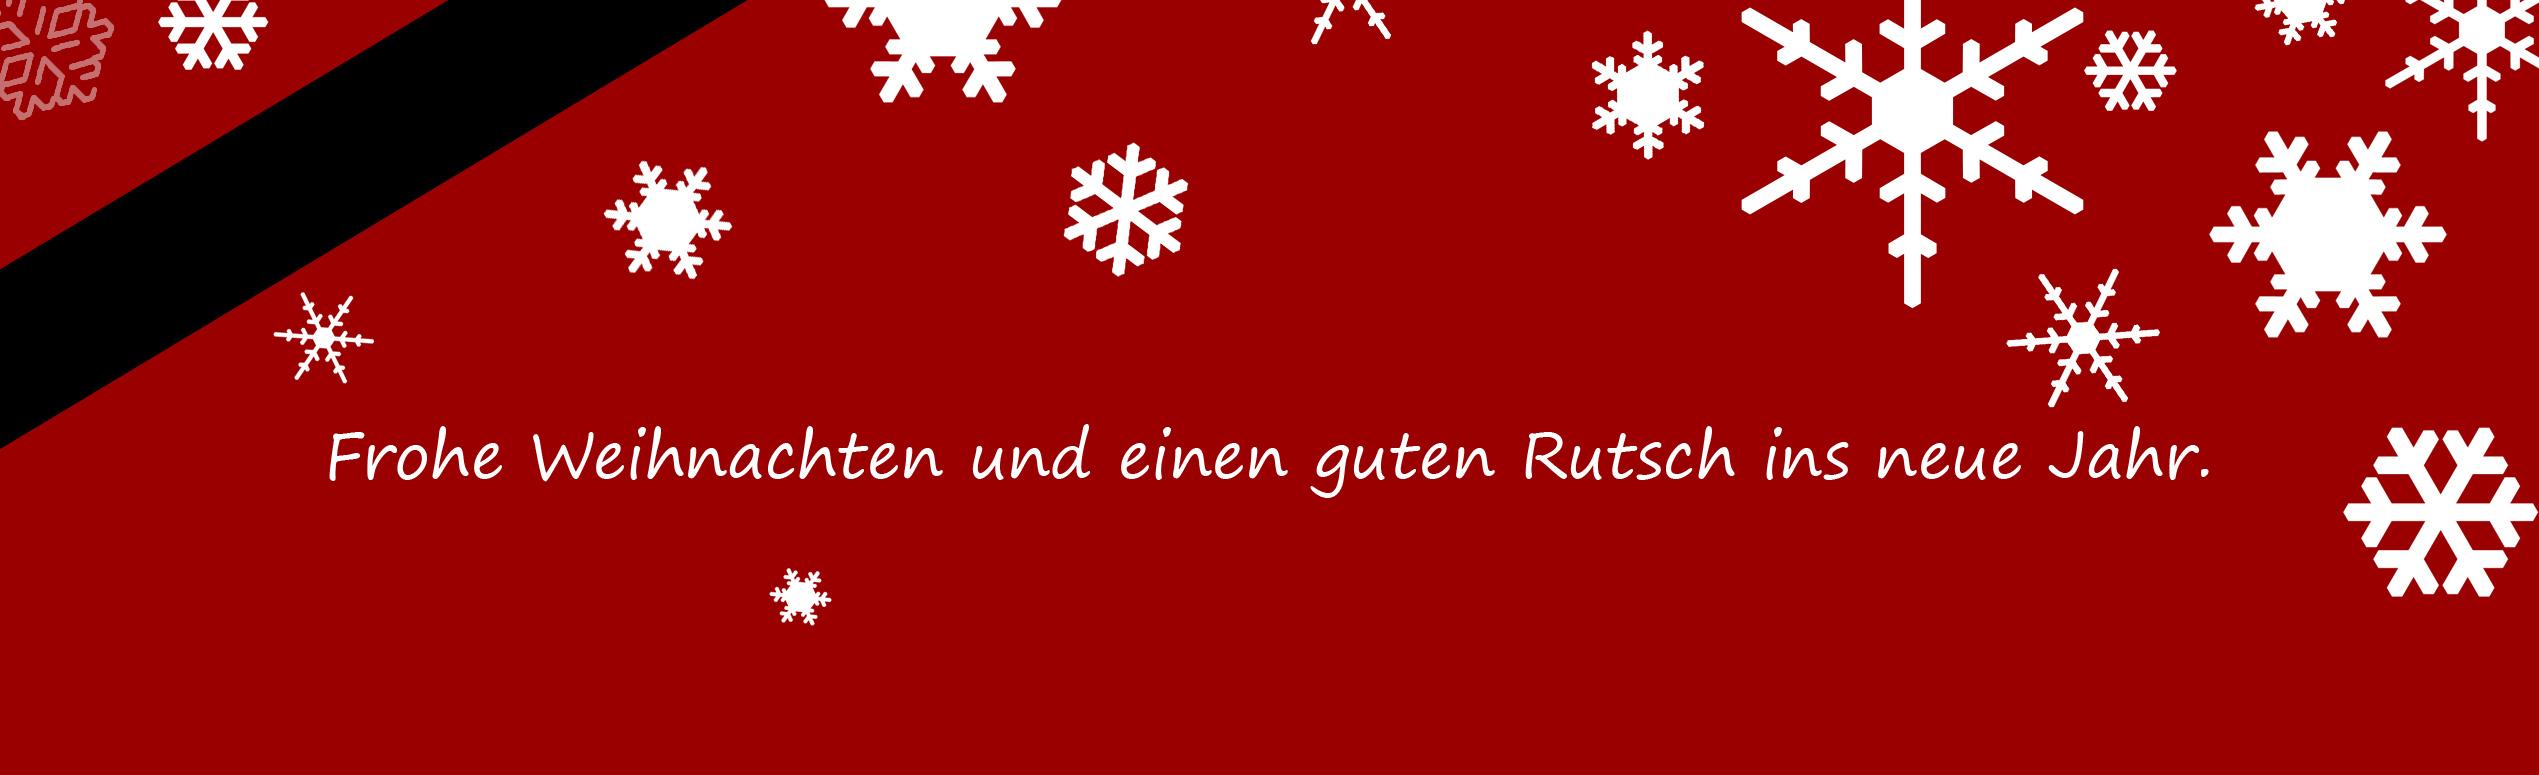 Frohe Weihnachten Einen Guten Rutsch Ins Neue Jahr.Frohe Weihnachten Und Einen Guten Rutsch Ins Neue Jahr Tsv Rudow